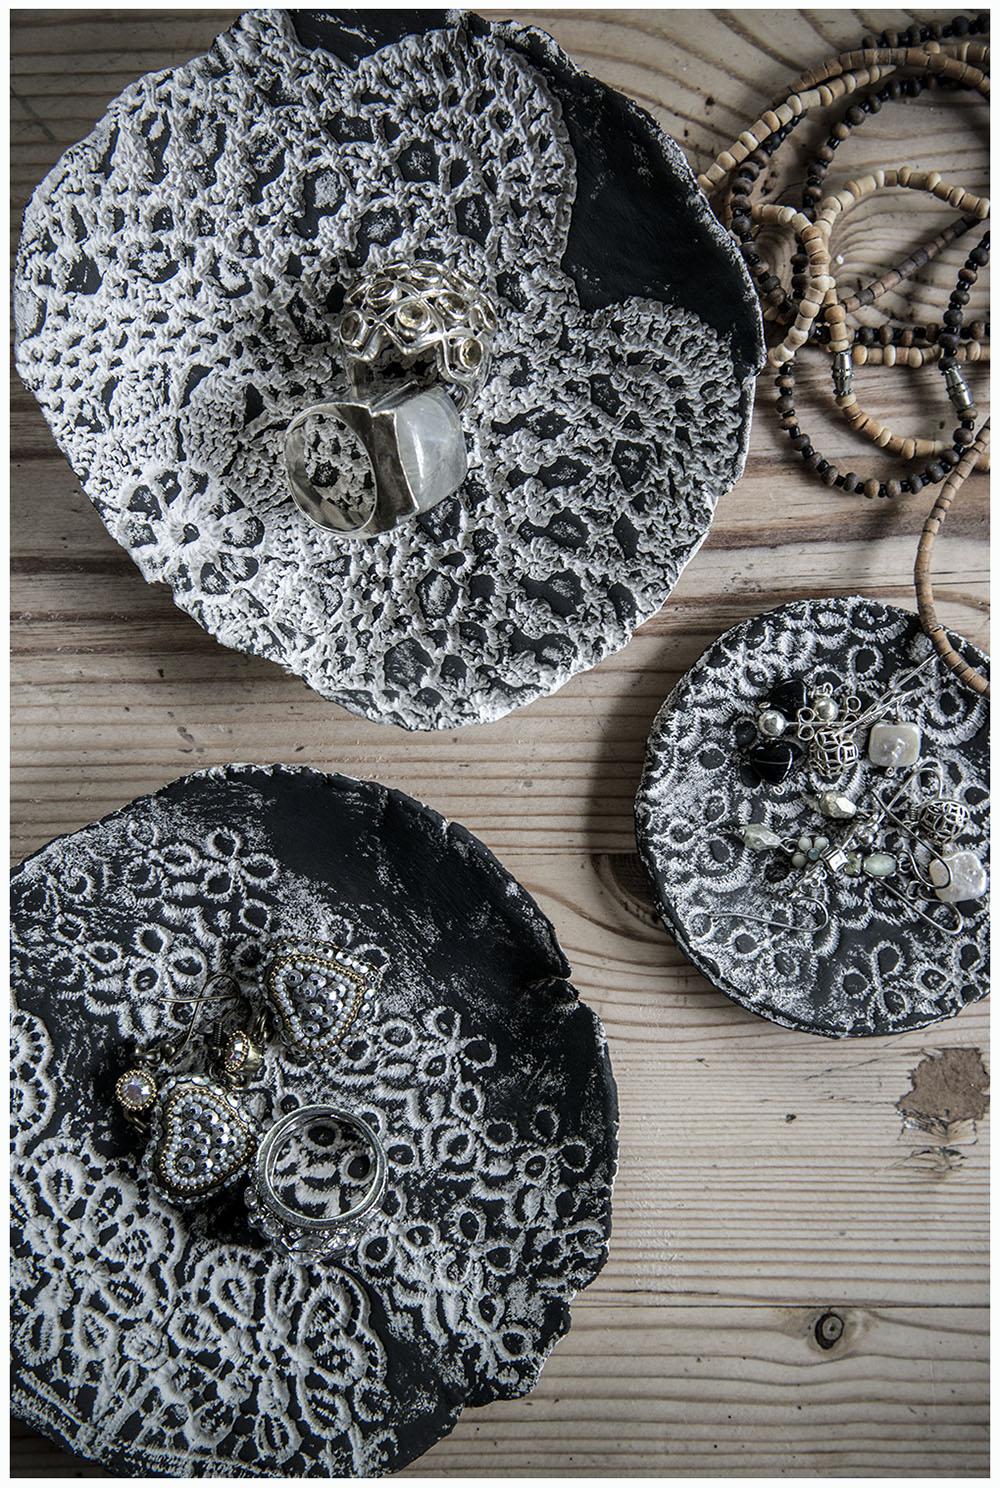 Lace imprint bowls